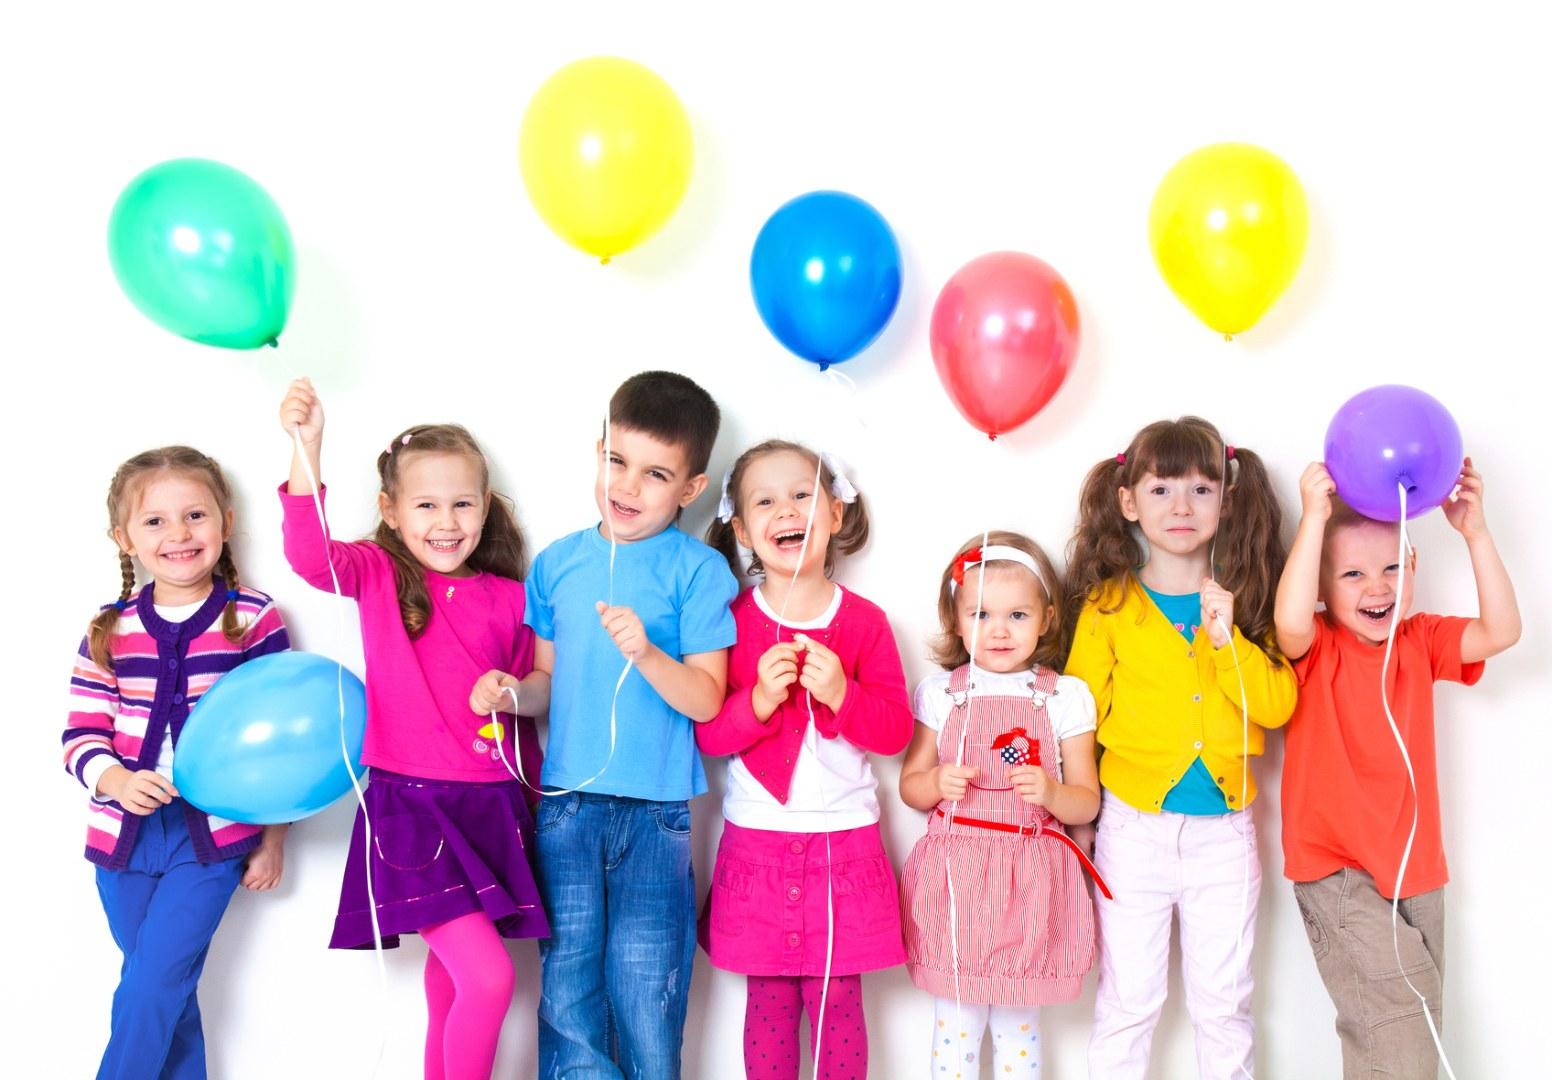 اگر می خواهید همیشه لبخند روی لب کودکتان باشد، بخوانید/ ترفندهایی که از فرزندتان فردی موفق و شاد می سازد/ا ترفندهایی برای تربیت فرزندی شاد و موفق